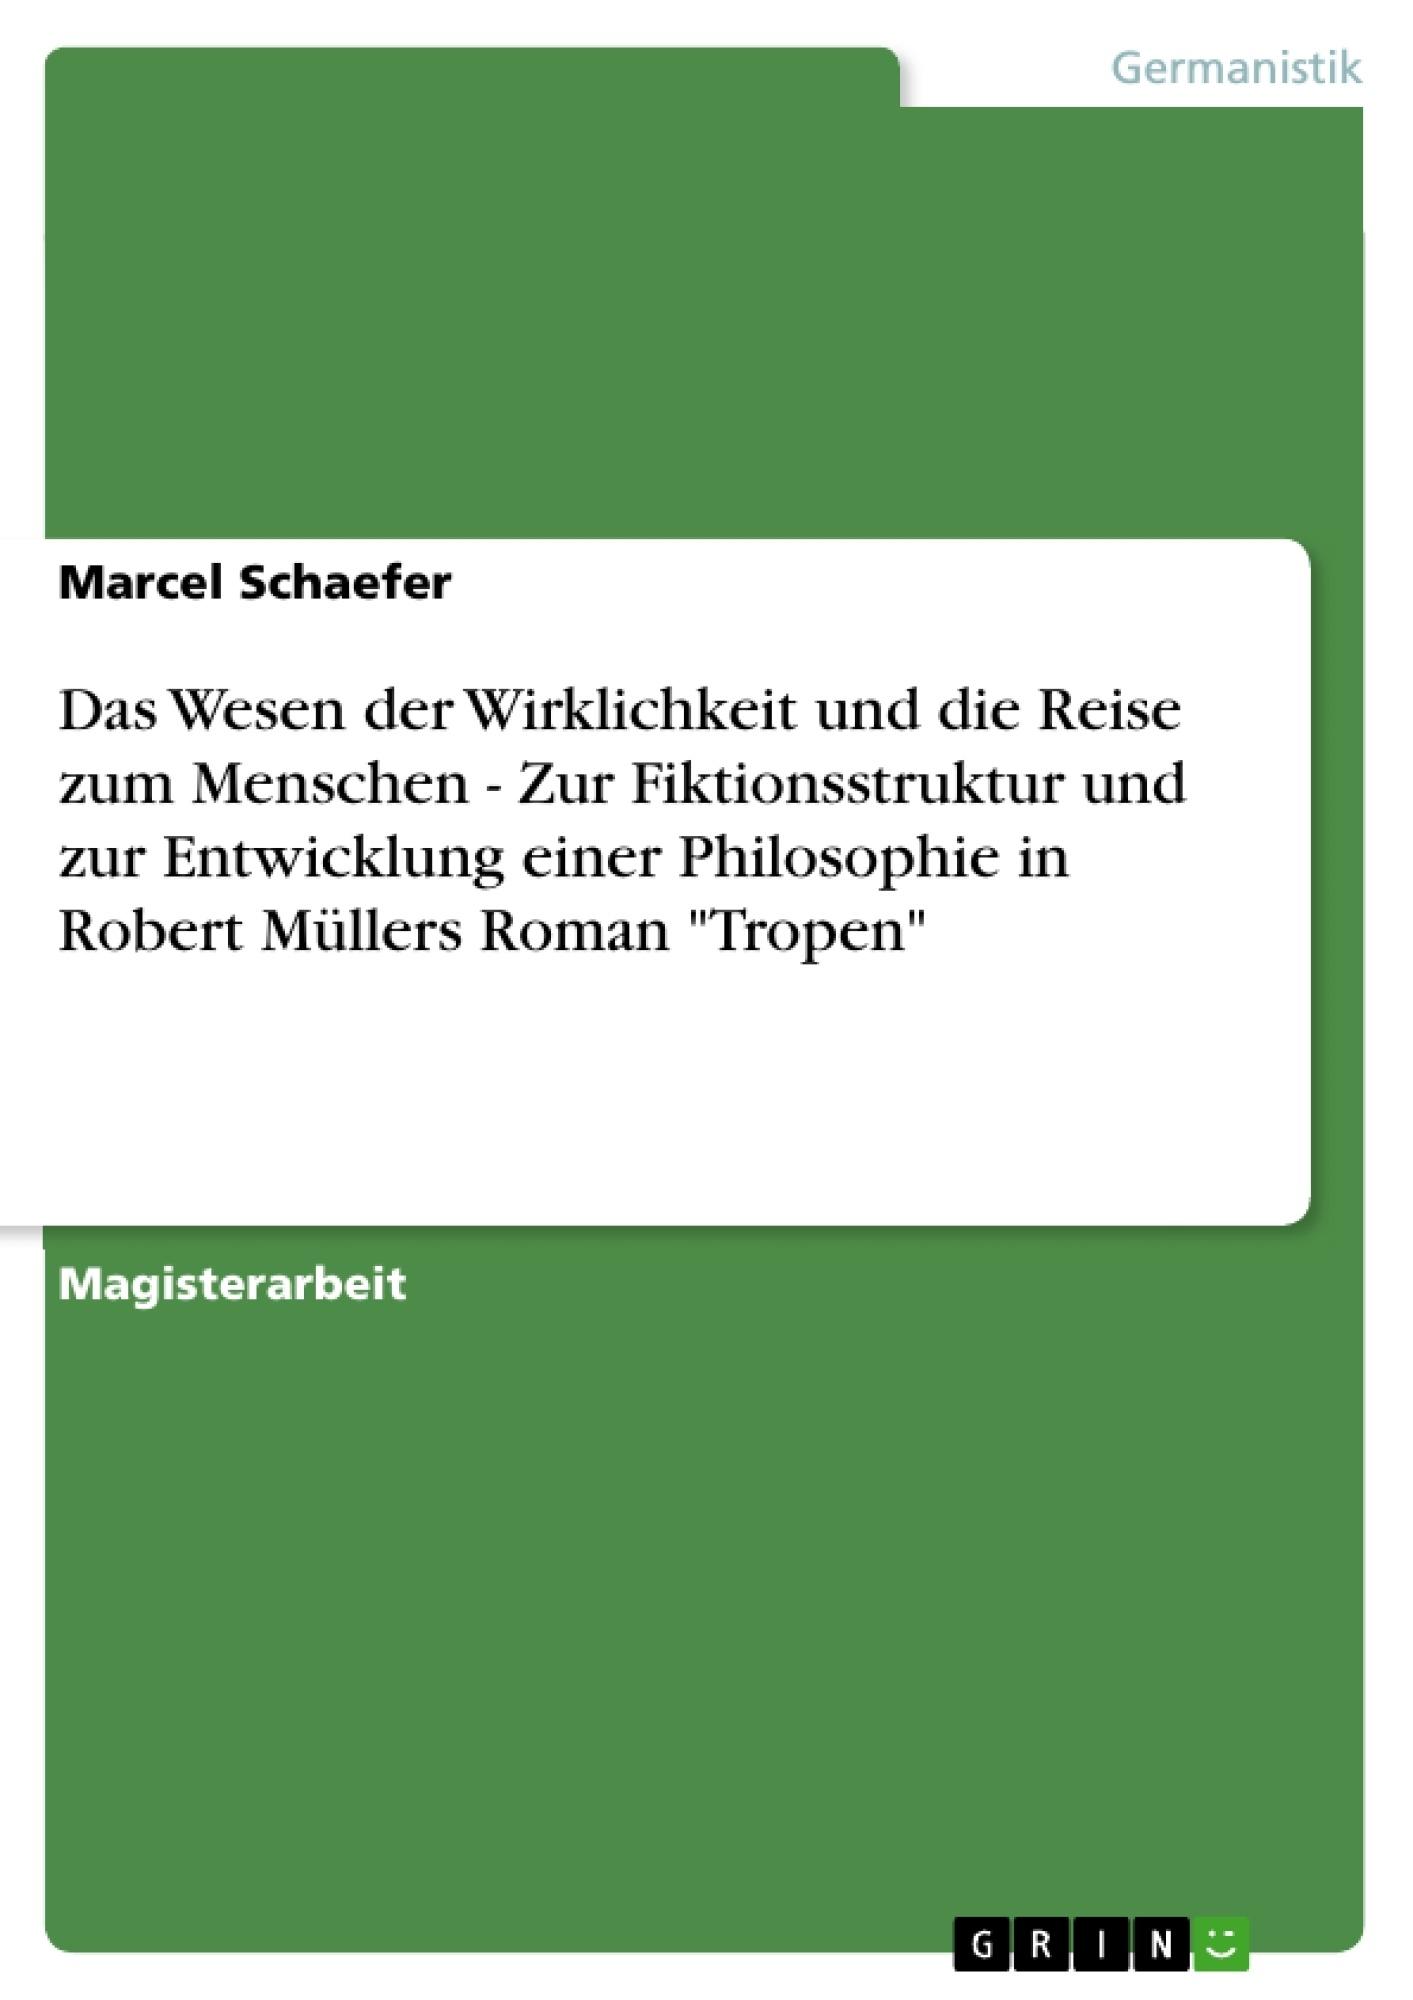 """Titel: Das Wesen der Wirklichkeit und die Reise zum Menschen - Zur Fiktionsstruktur und zur Entwicklung einer Philosophie in Robert Müllers Roman """"Tropen"""""""